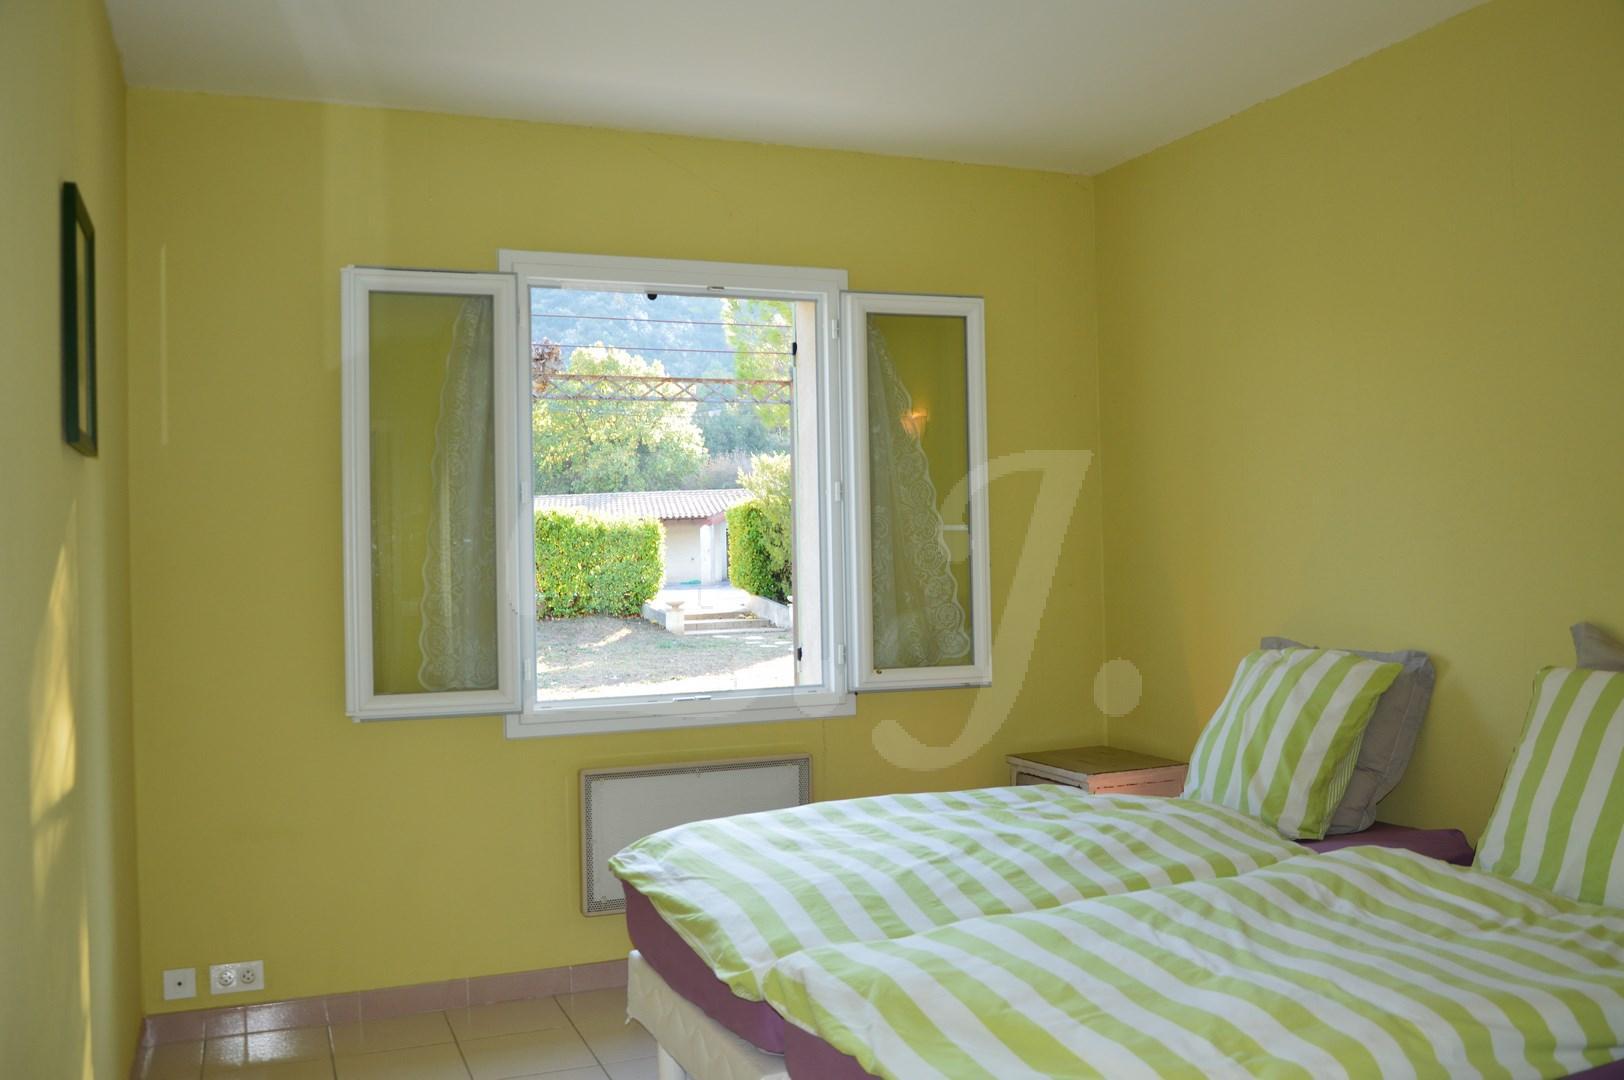 Vente Maison  Maubec avec 5 chambres grand jardin avec piscine et vue Luberon